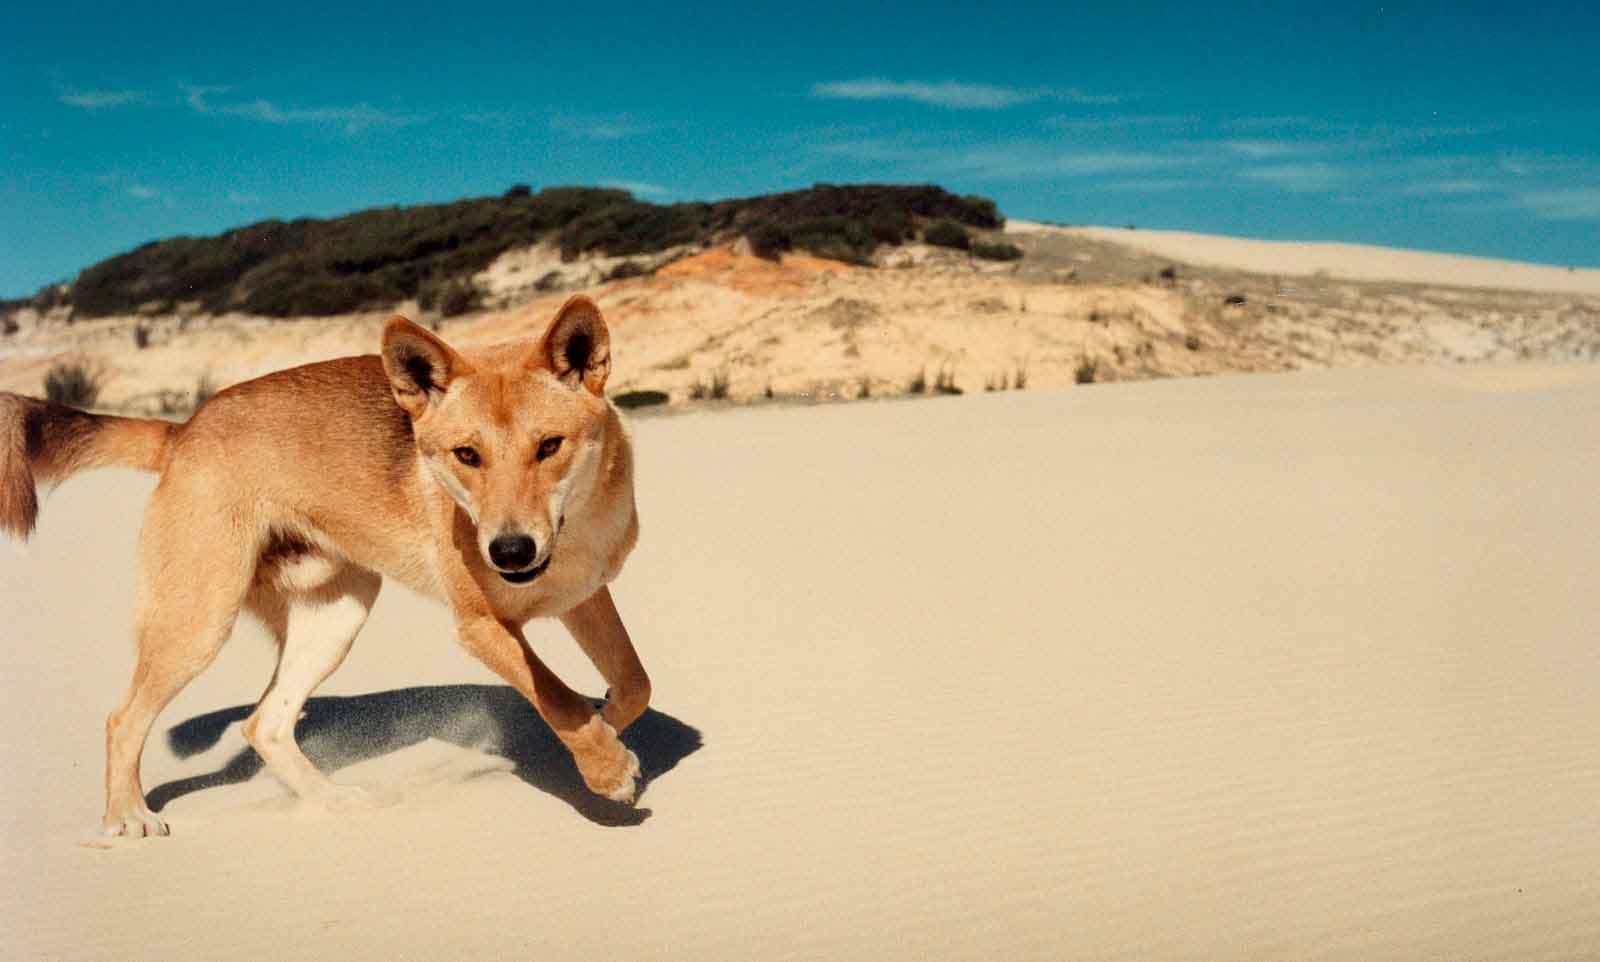 Австралийский динго: фото, описание породы, характеристики